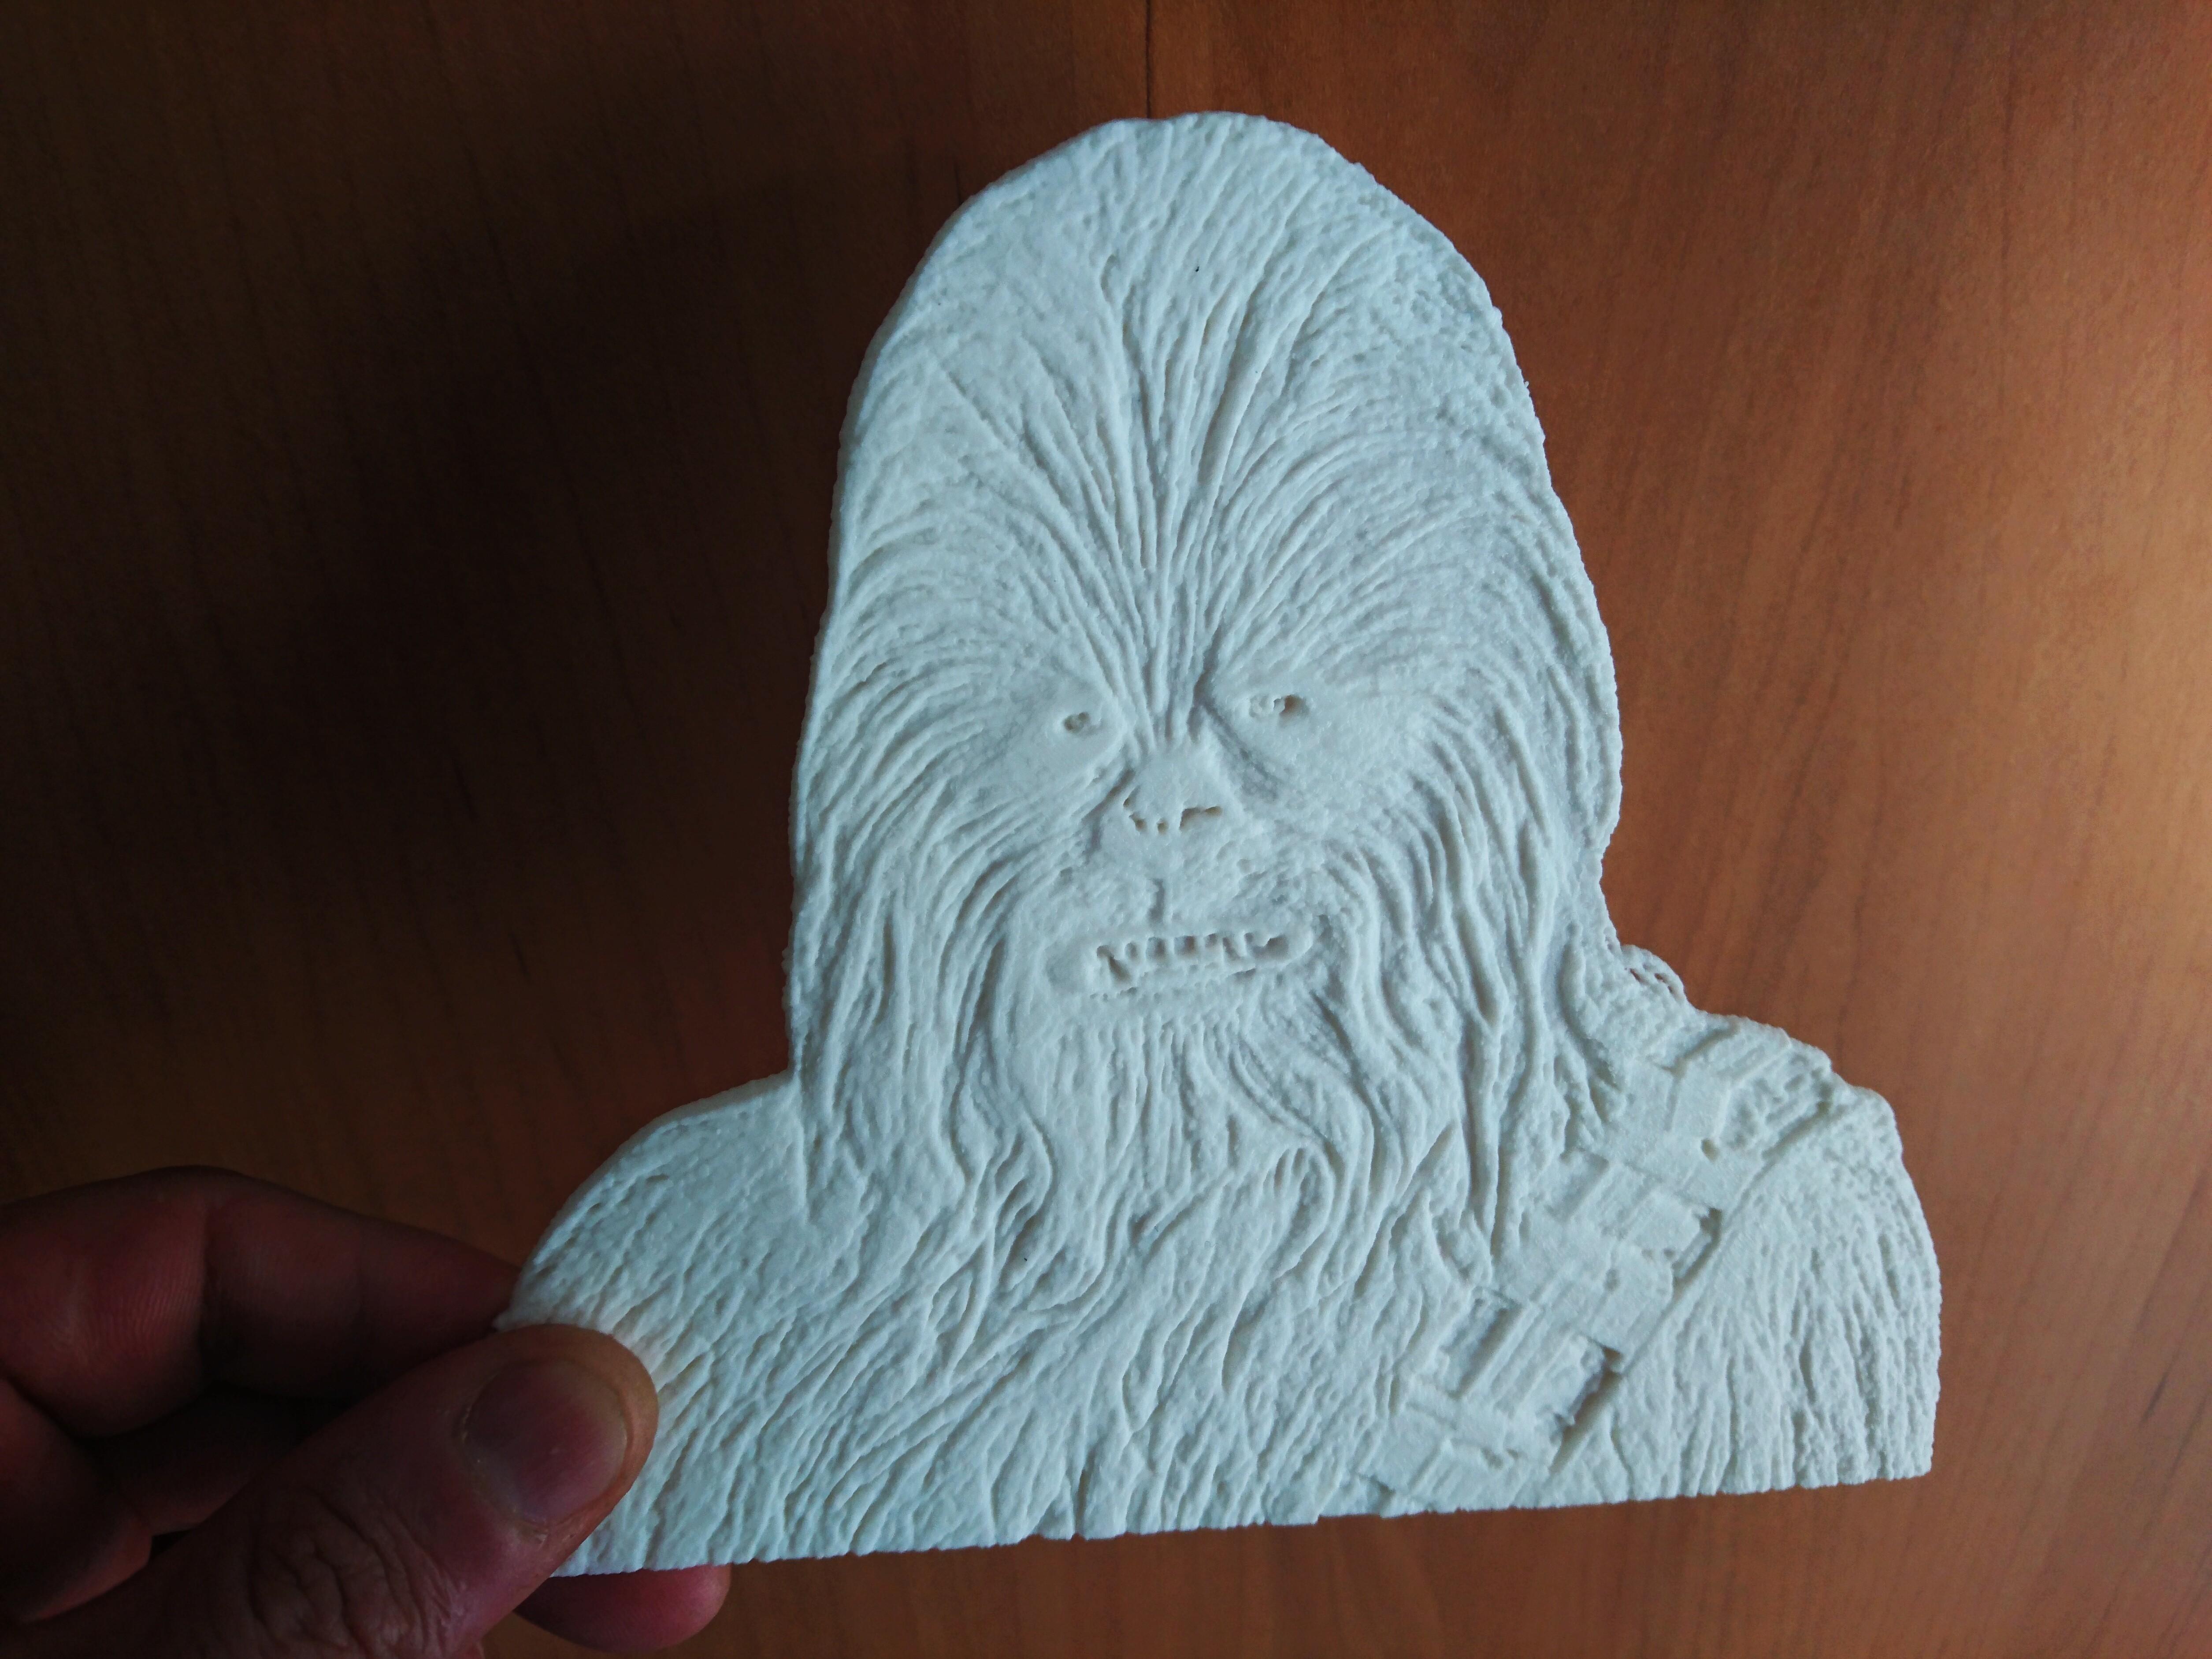 photostudio_1496482808964.jpg Télécharger fichier STL gratuit Chewbacca lithophanie • Design imprimable en 3D, 3dlito